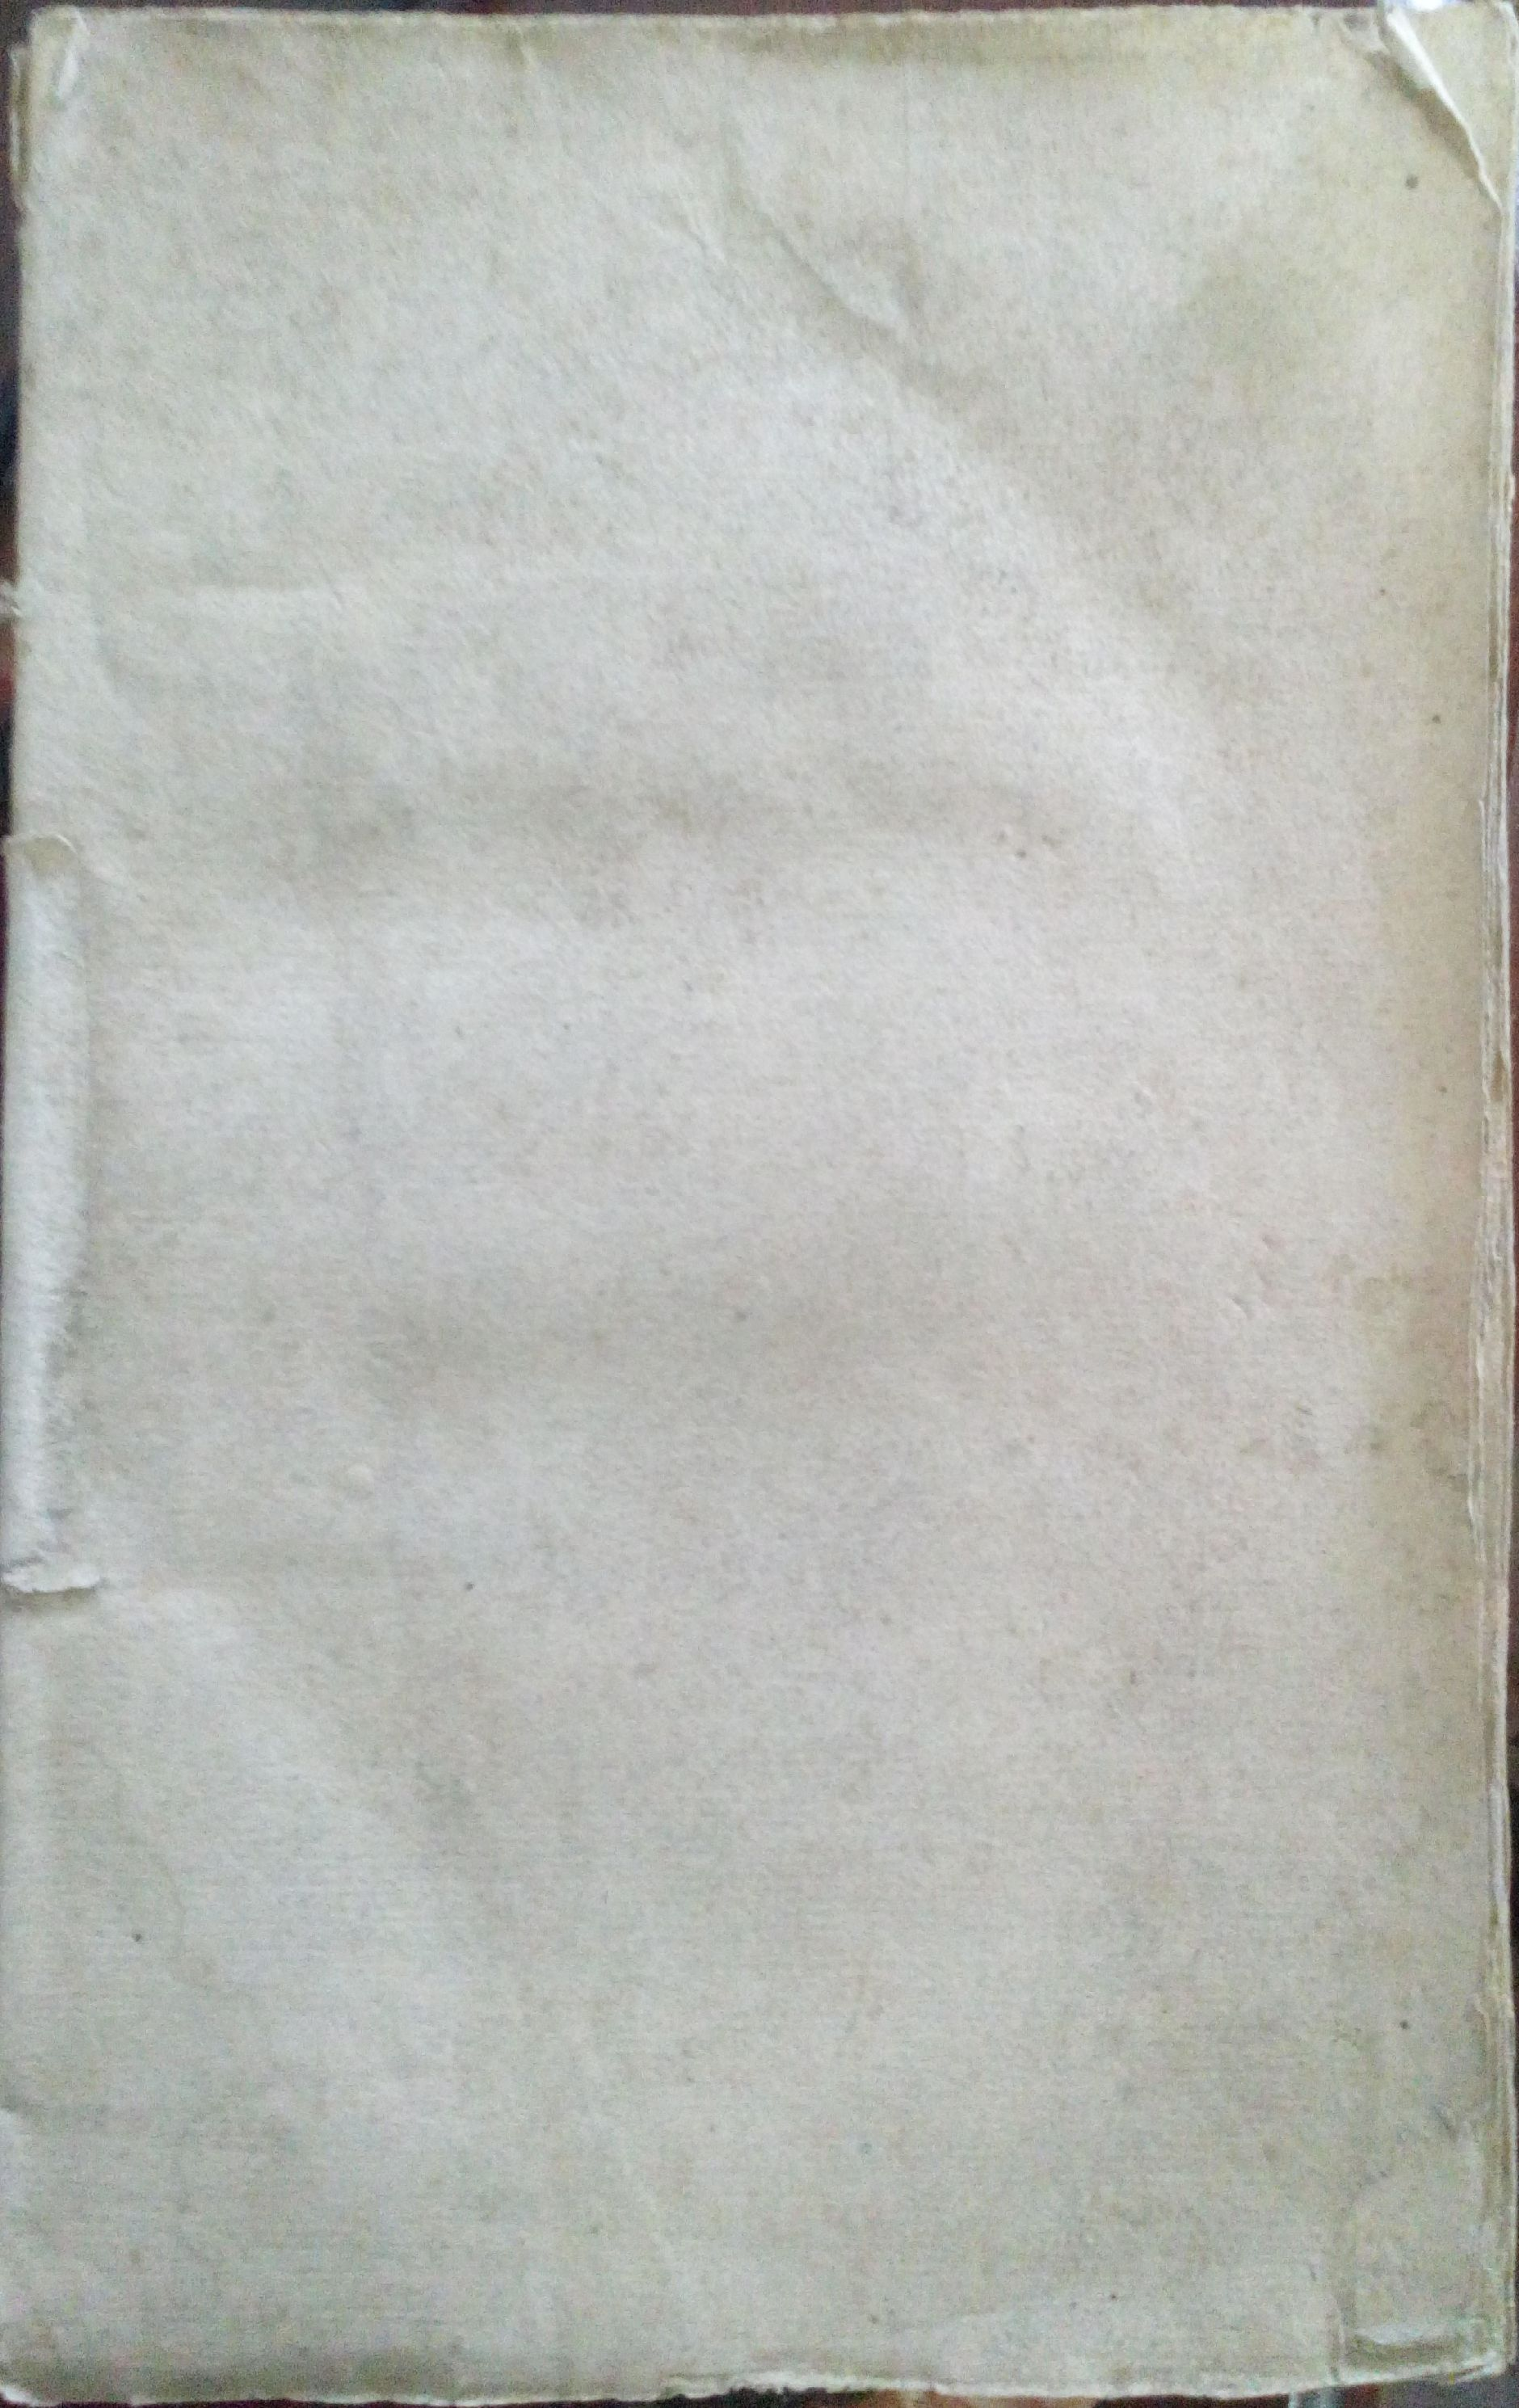 Johannis Fantoni Commentariolum de quibusdam aquis medicatis, et historica dissertatio de febribus miliariis